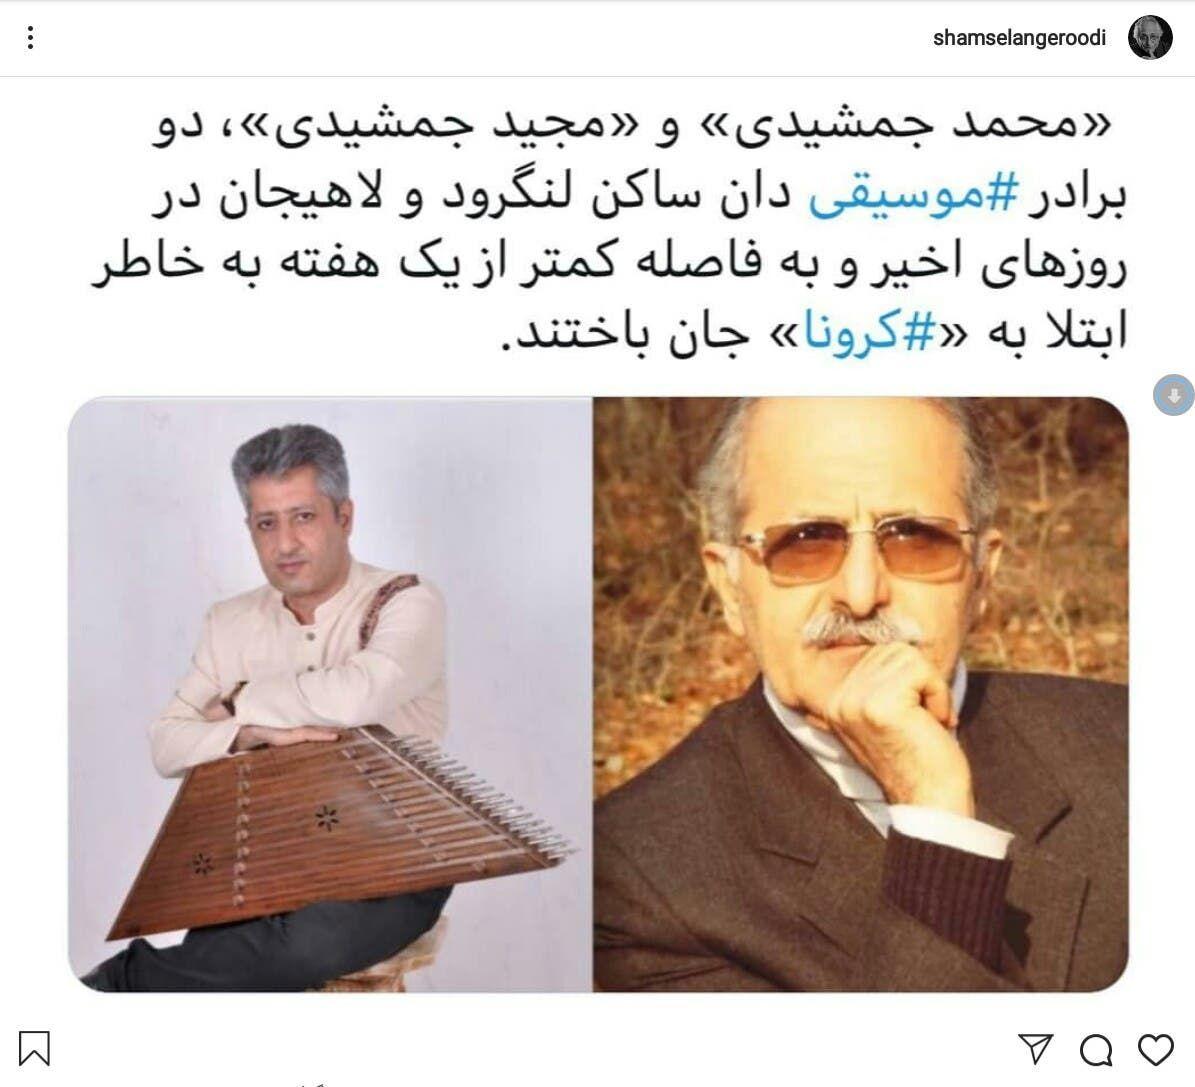 محمد ومجيد جمشيدي